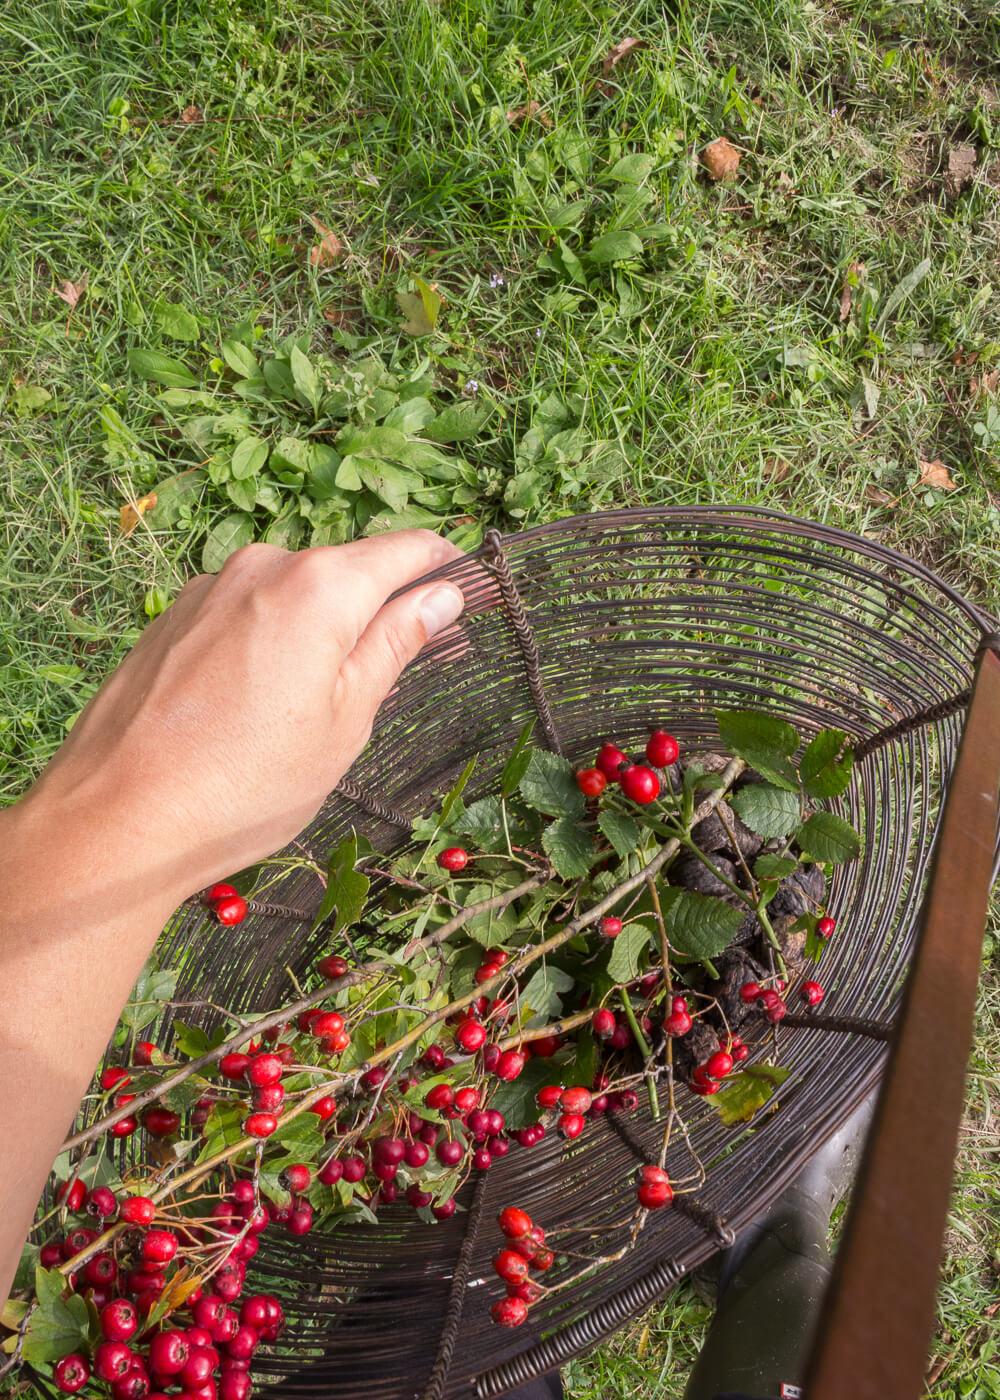 La bellezza dell'autunno - Raccogliere le bacche - Lily&Sage Design